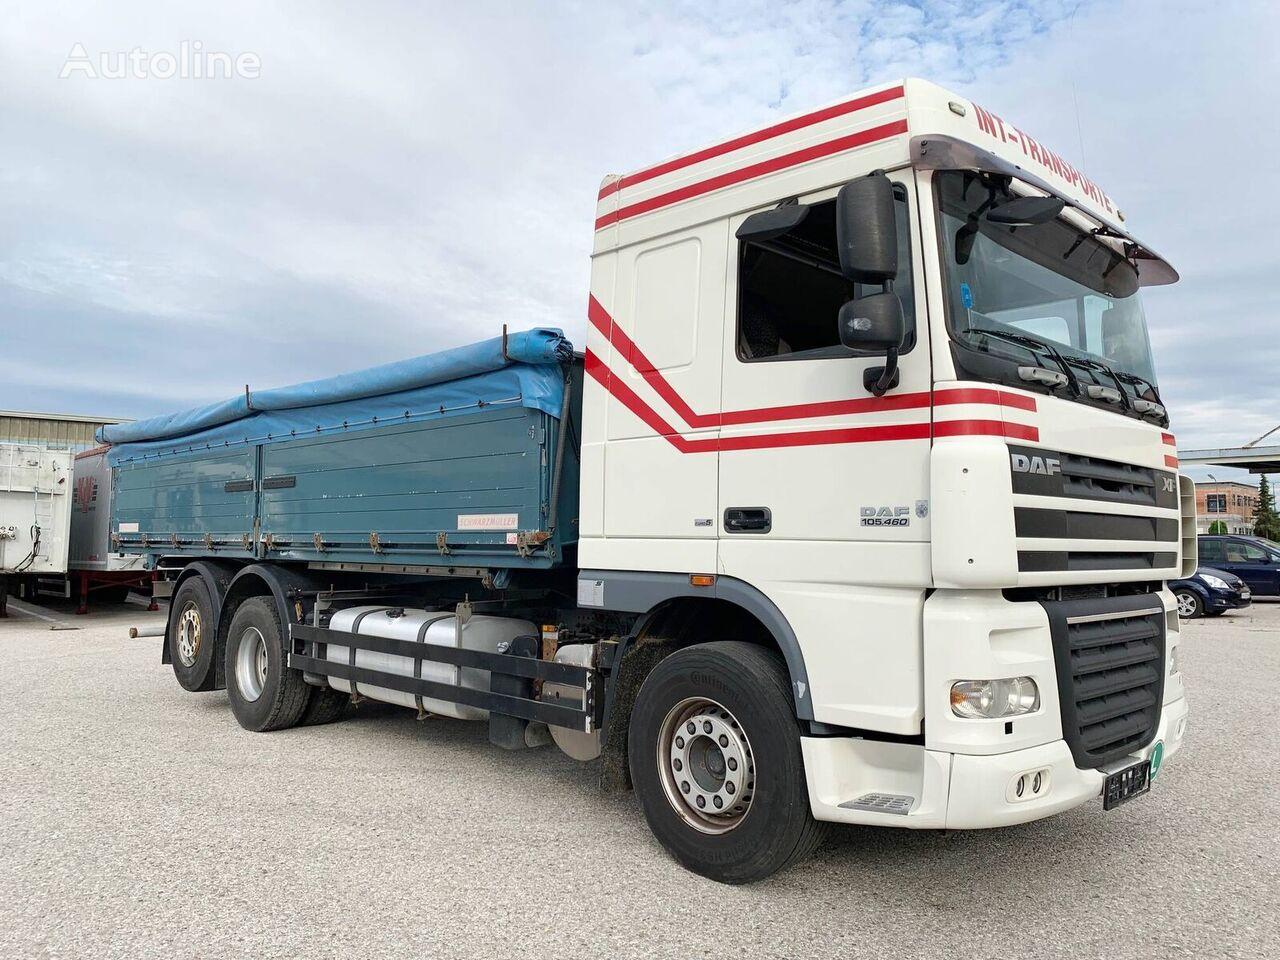 tovornjak za prevoz žita DAF XF105